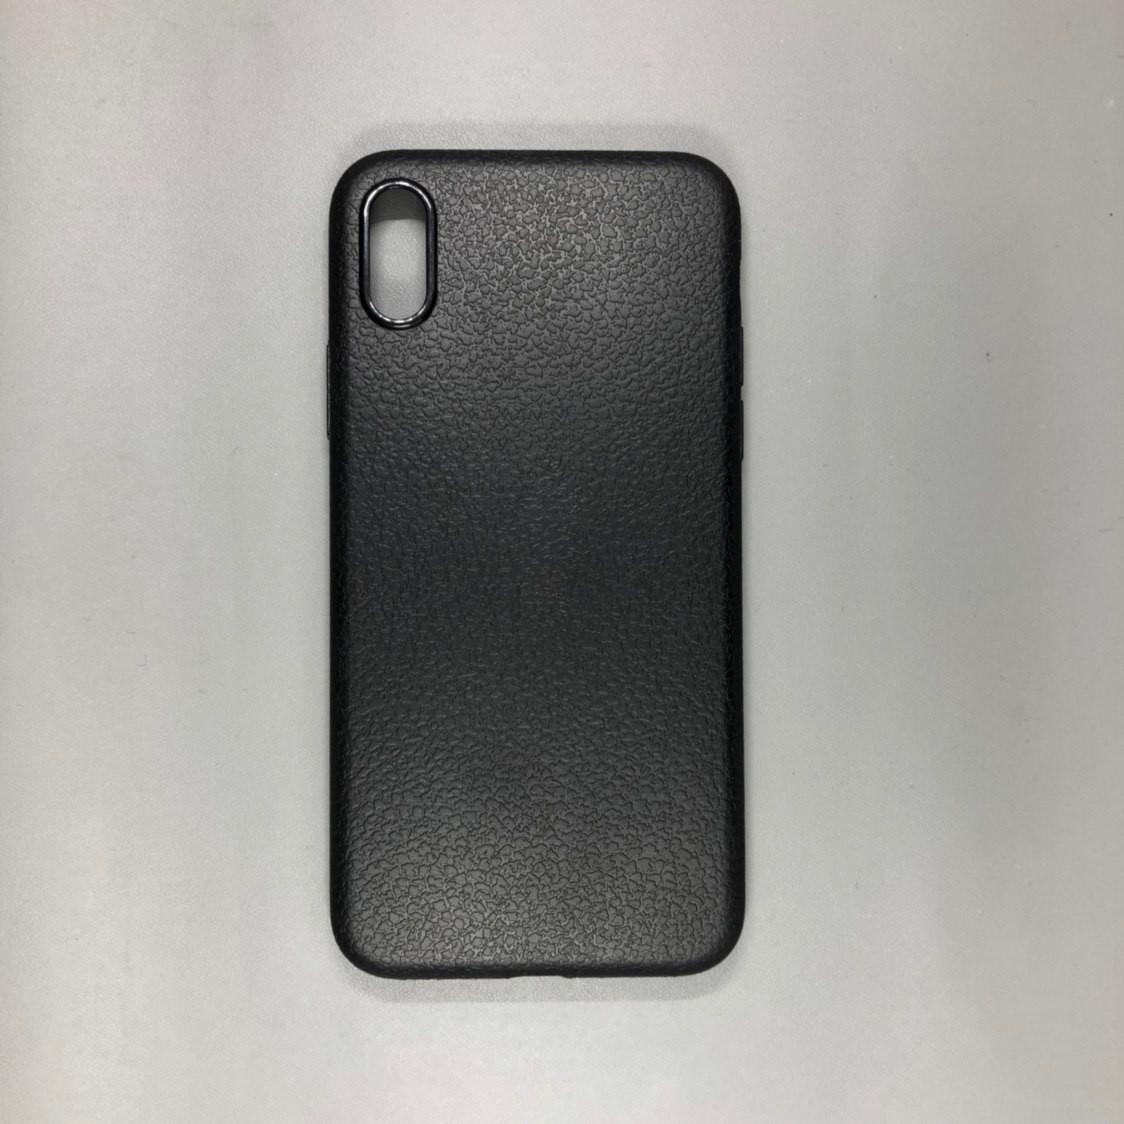 iPhone X Plastic Black